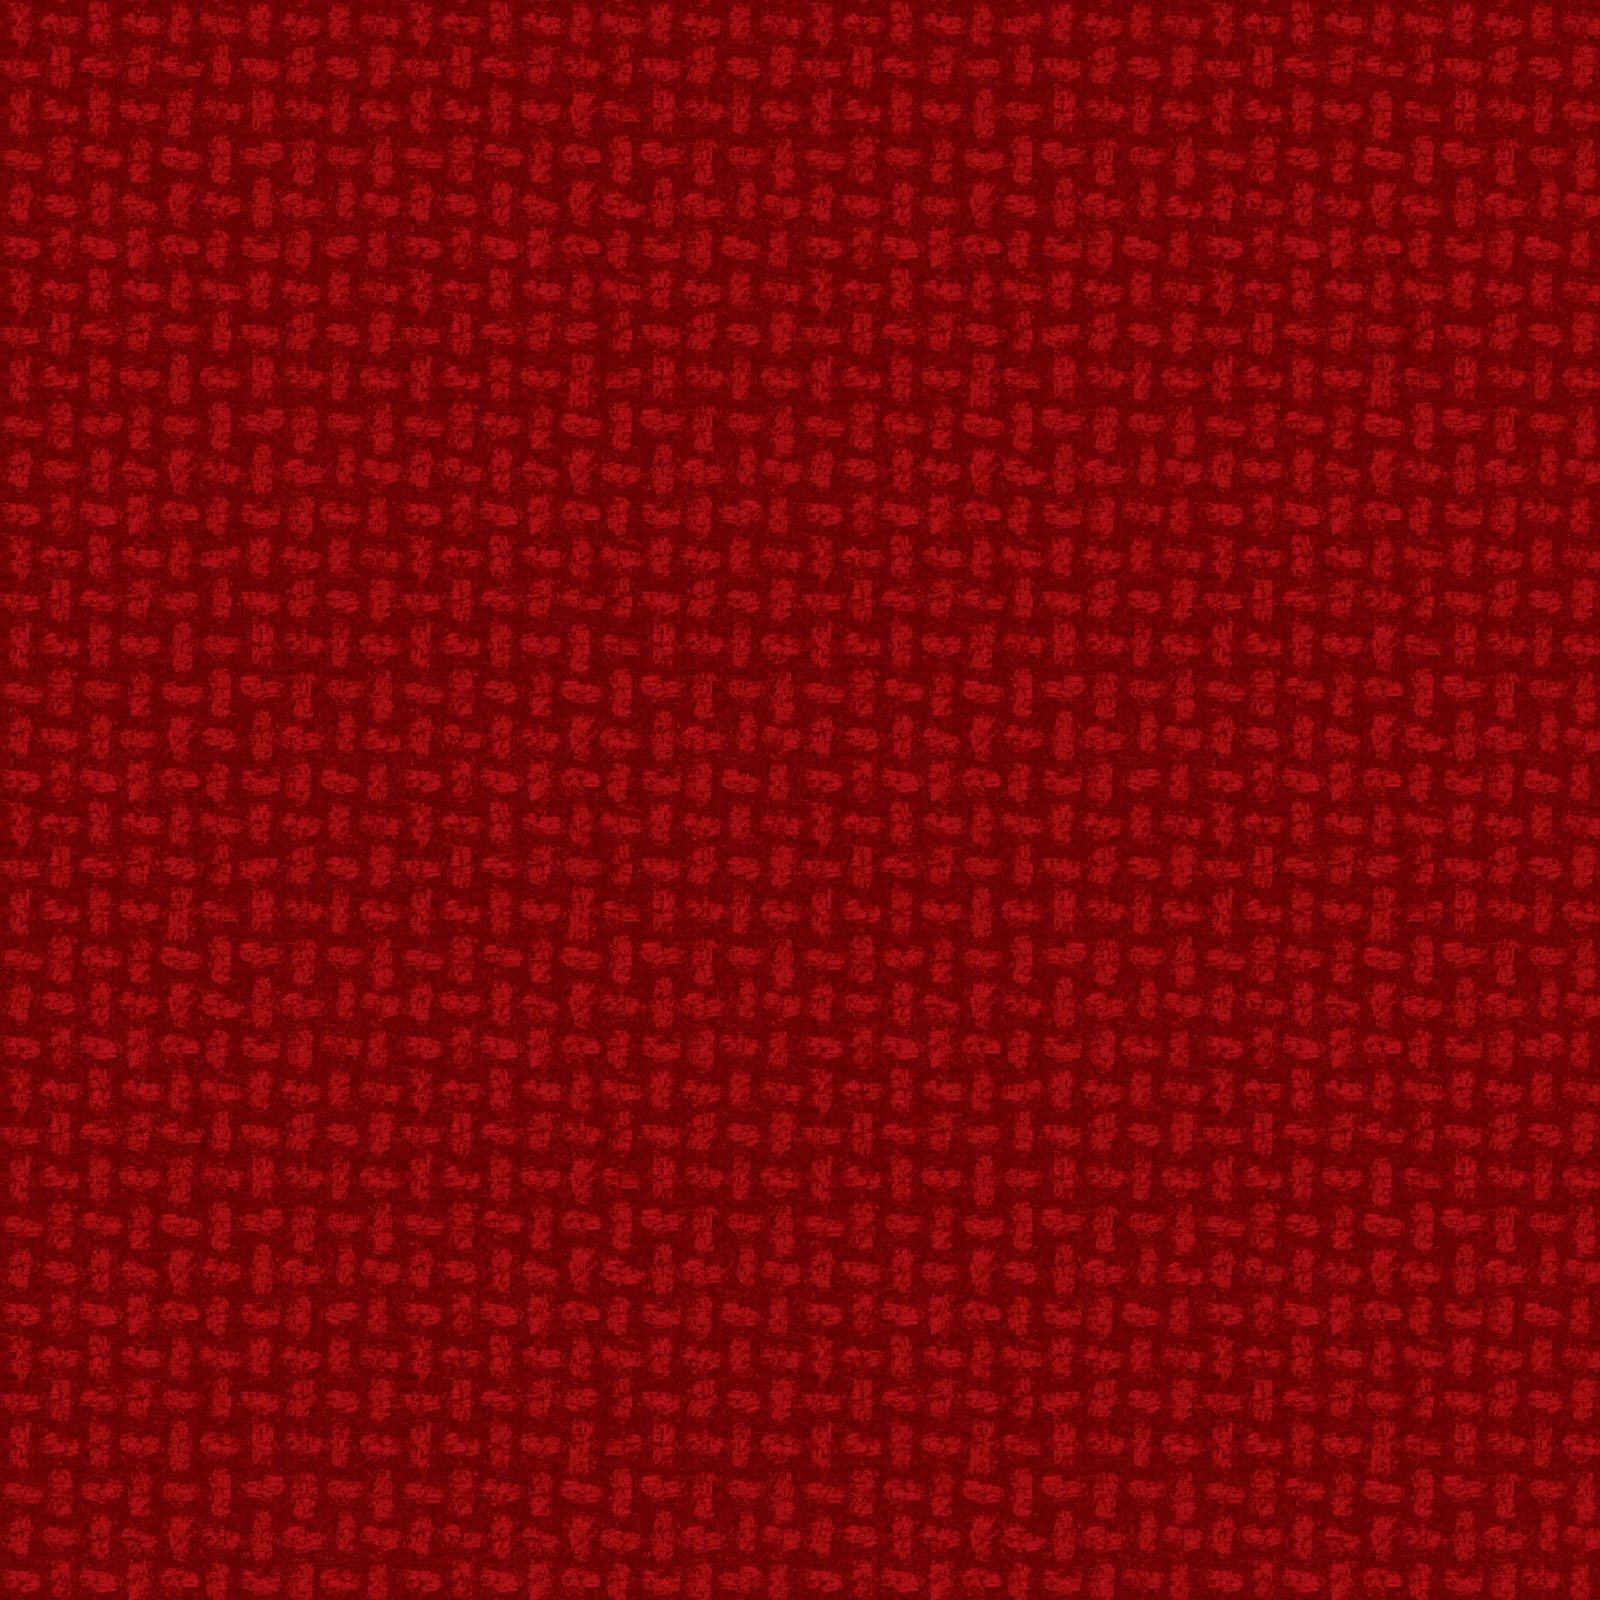 Maywood Studio Woolies Flannel Dark Red Basket Weave